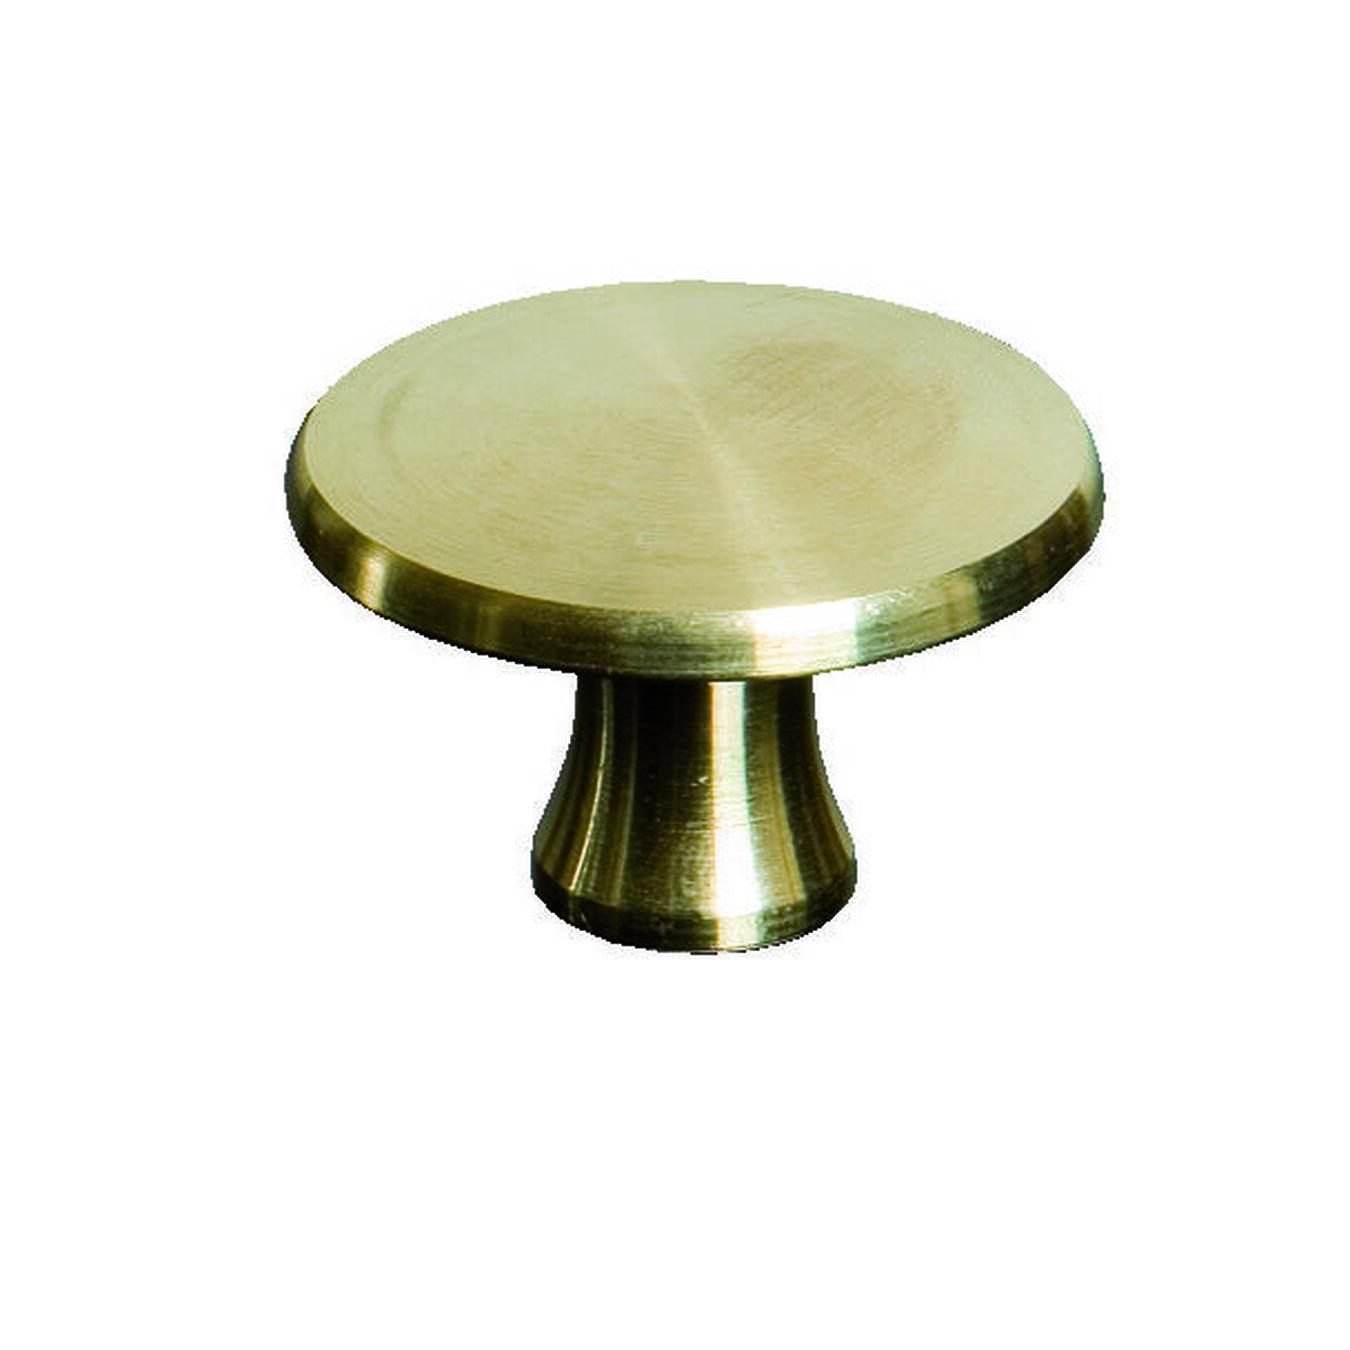 Large Brass Knob (Fits 1-qt & Larger Cocotte),,large 1